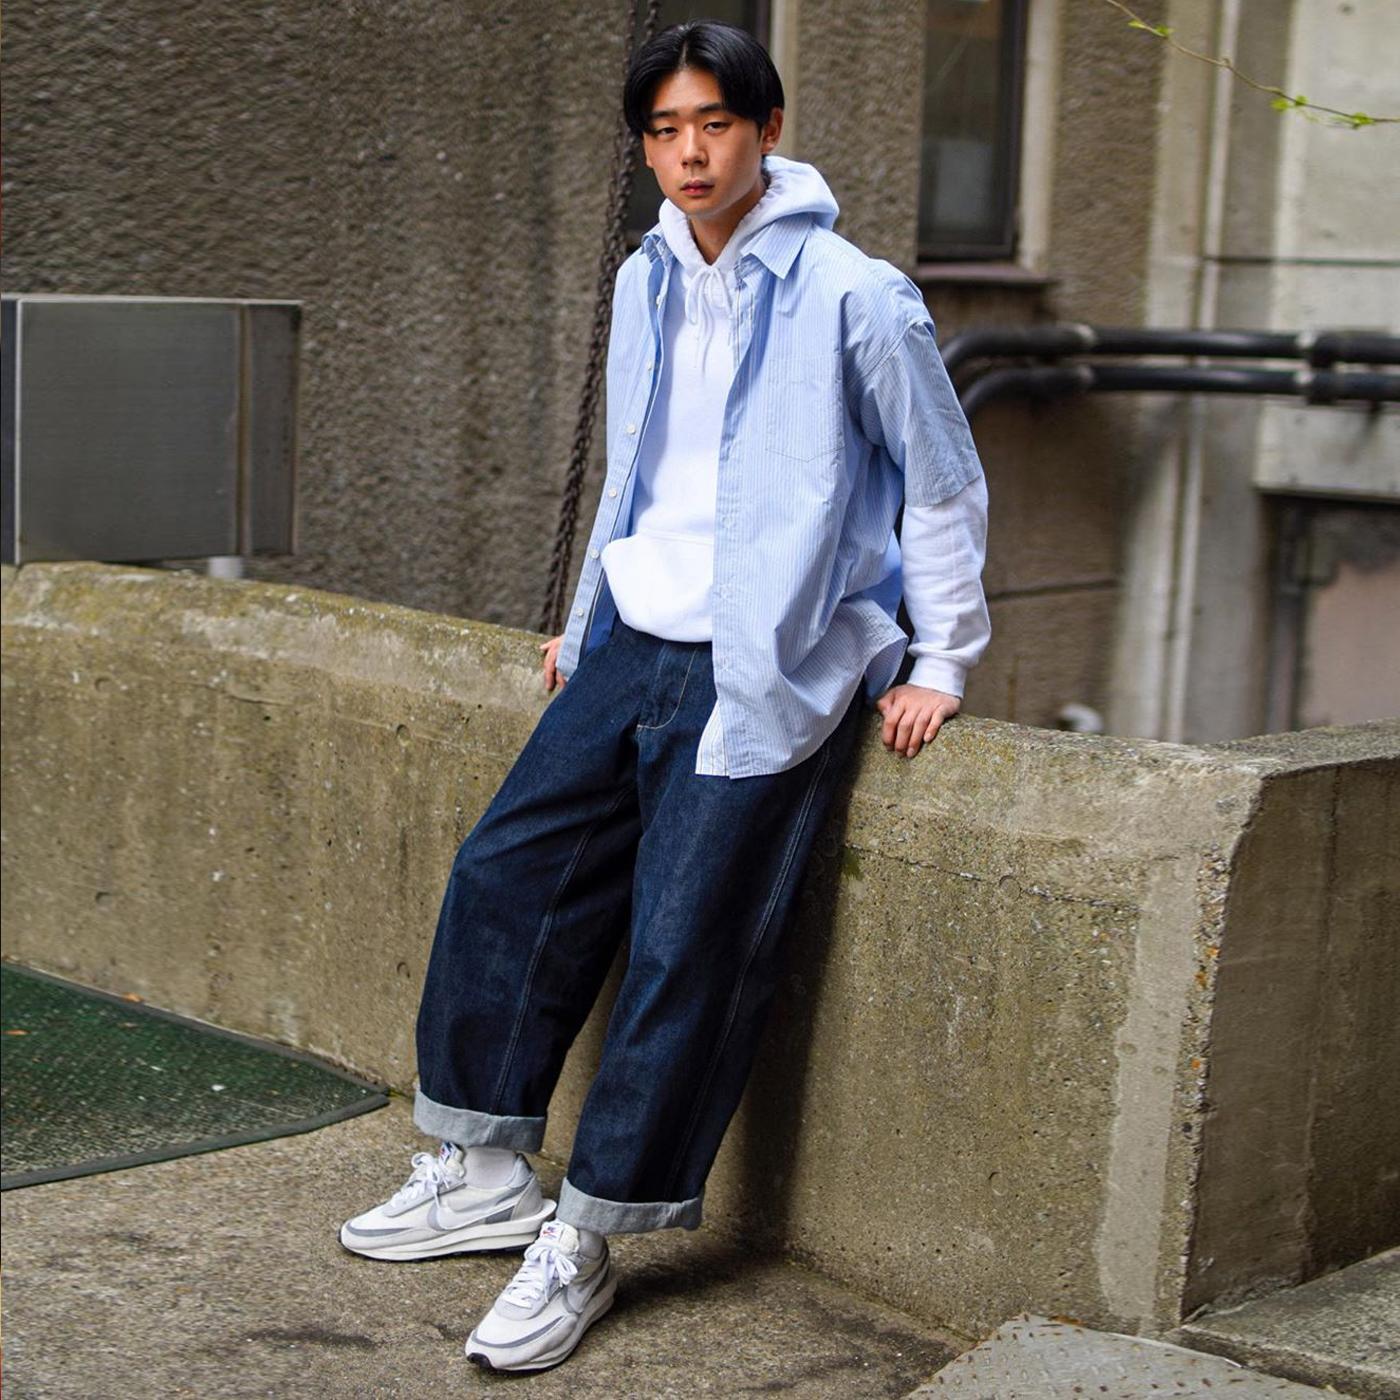 襯衫,襯衫穿搭,襯衫穿搭女,襯衫穿搭男,襯衫外套,襯衫穿法,襯衫推薦,襯衫紮法